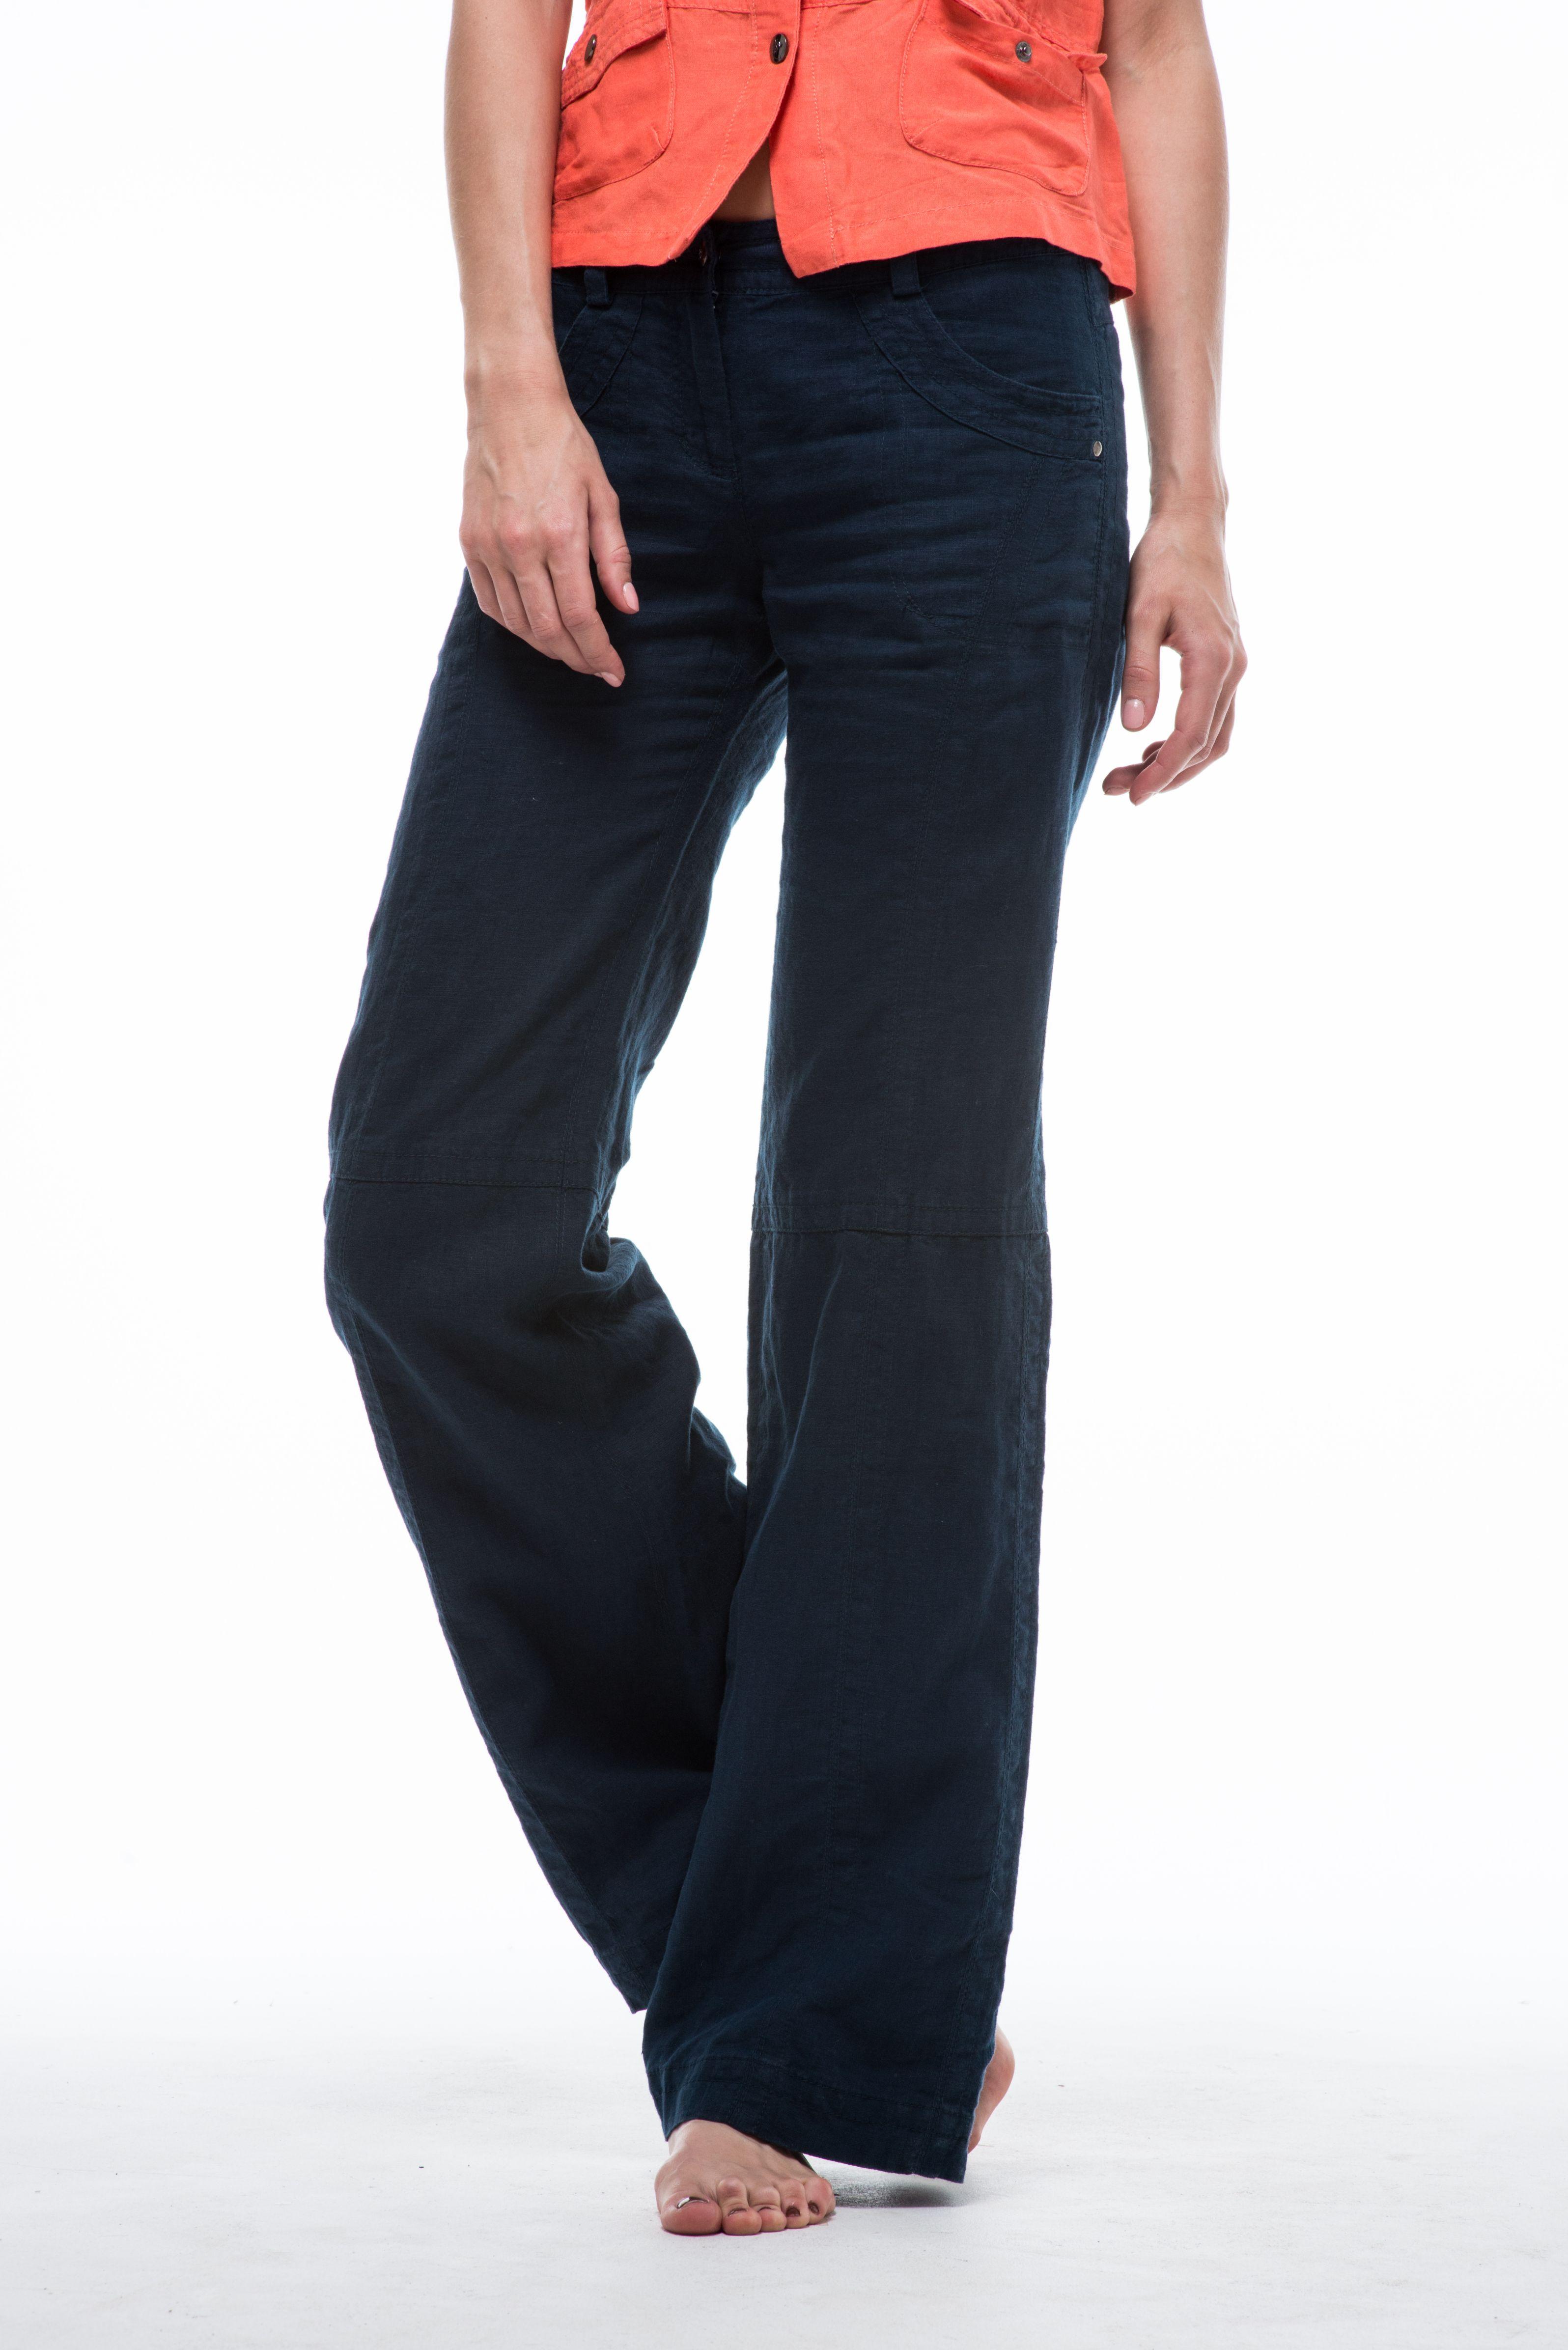 Черные брюки женские доставка